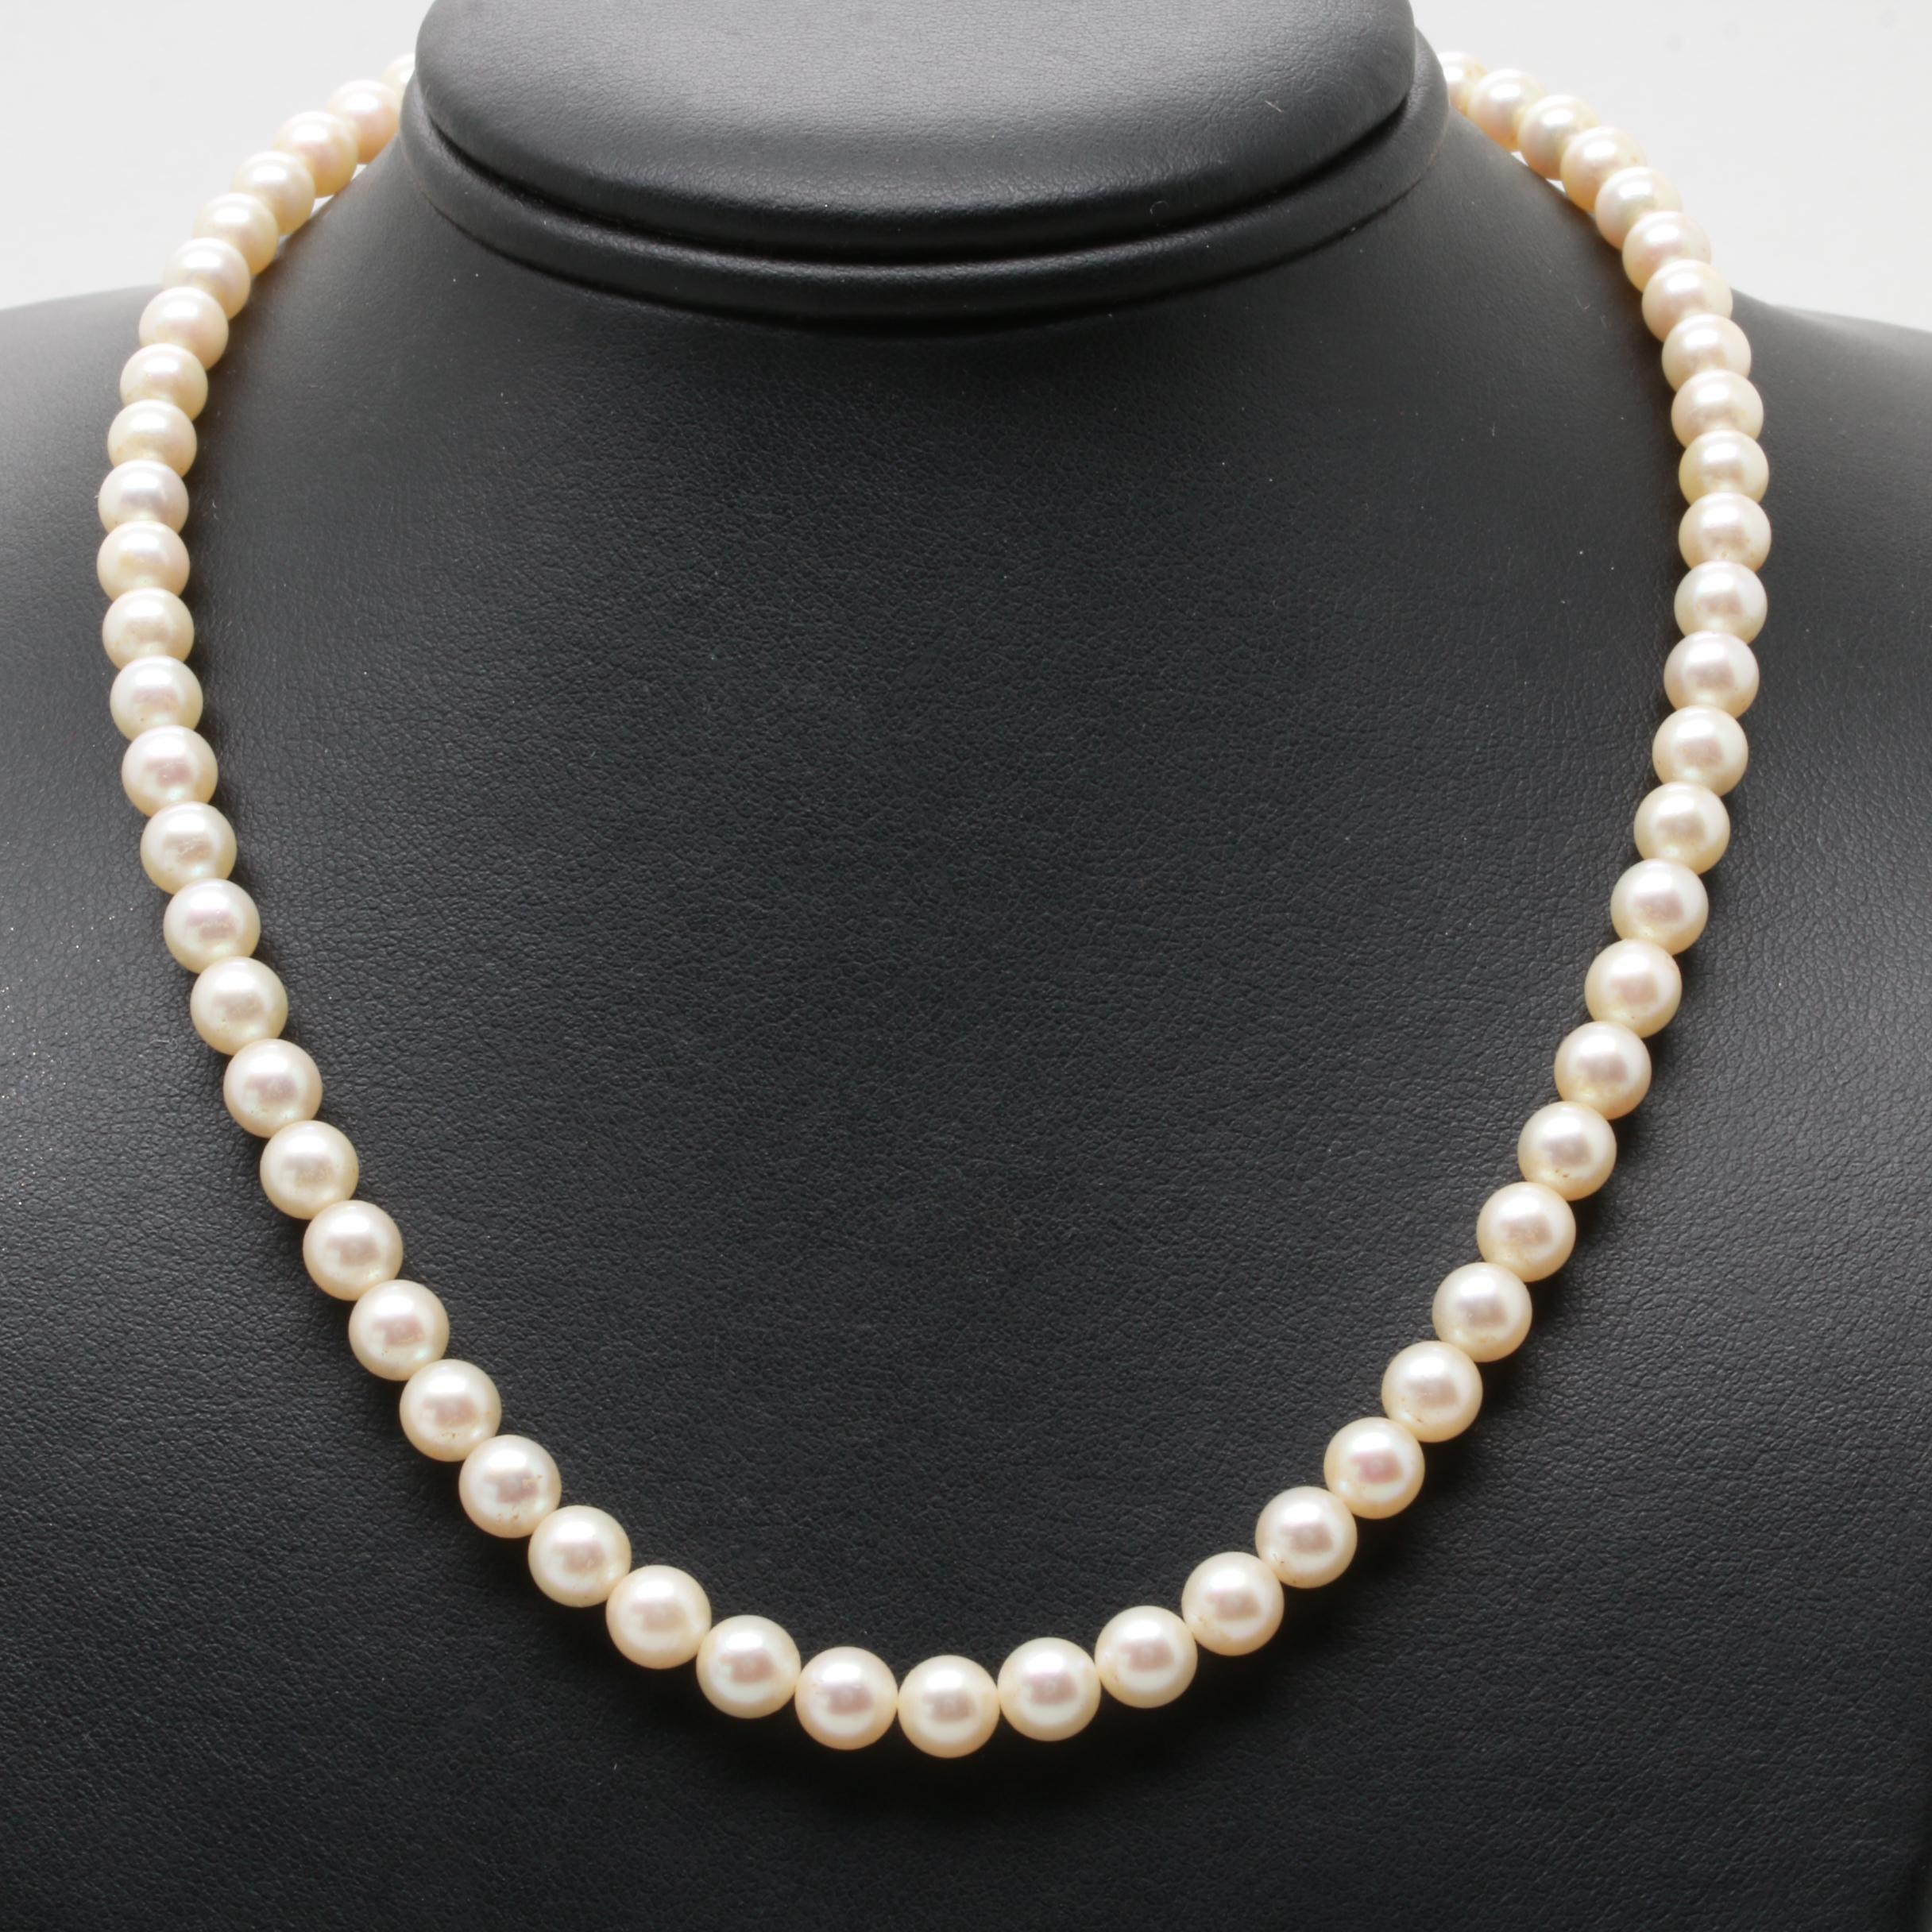 Mikimoto Silver Tone Cultured Pearl Necklace